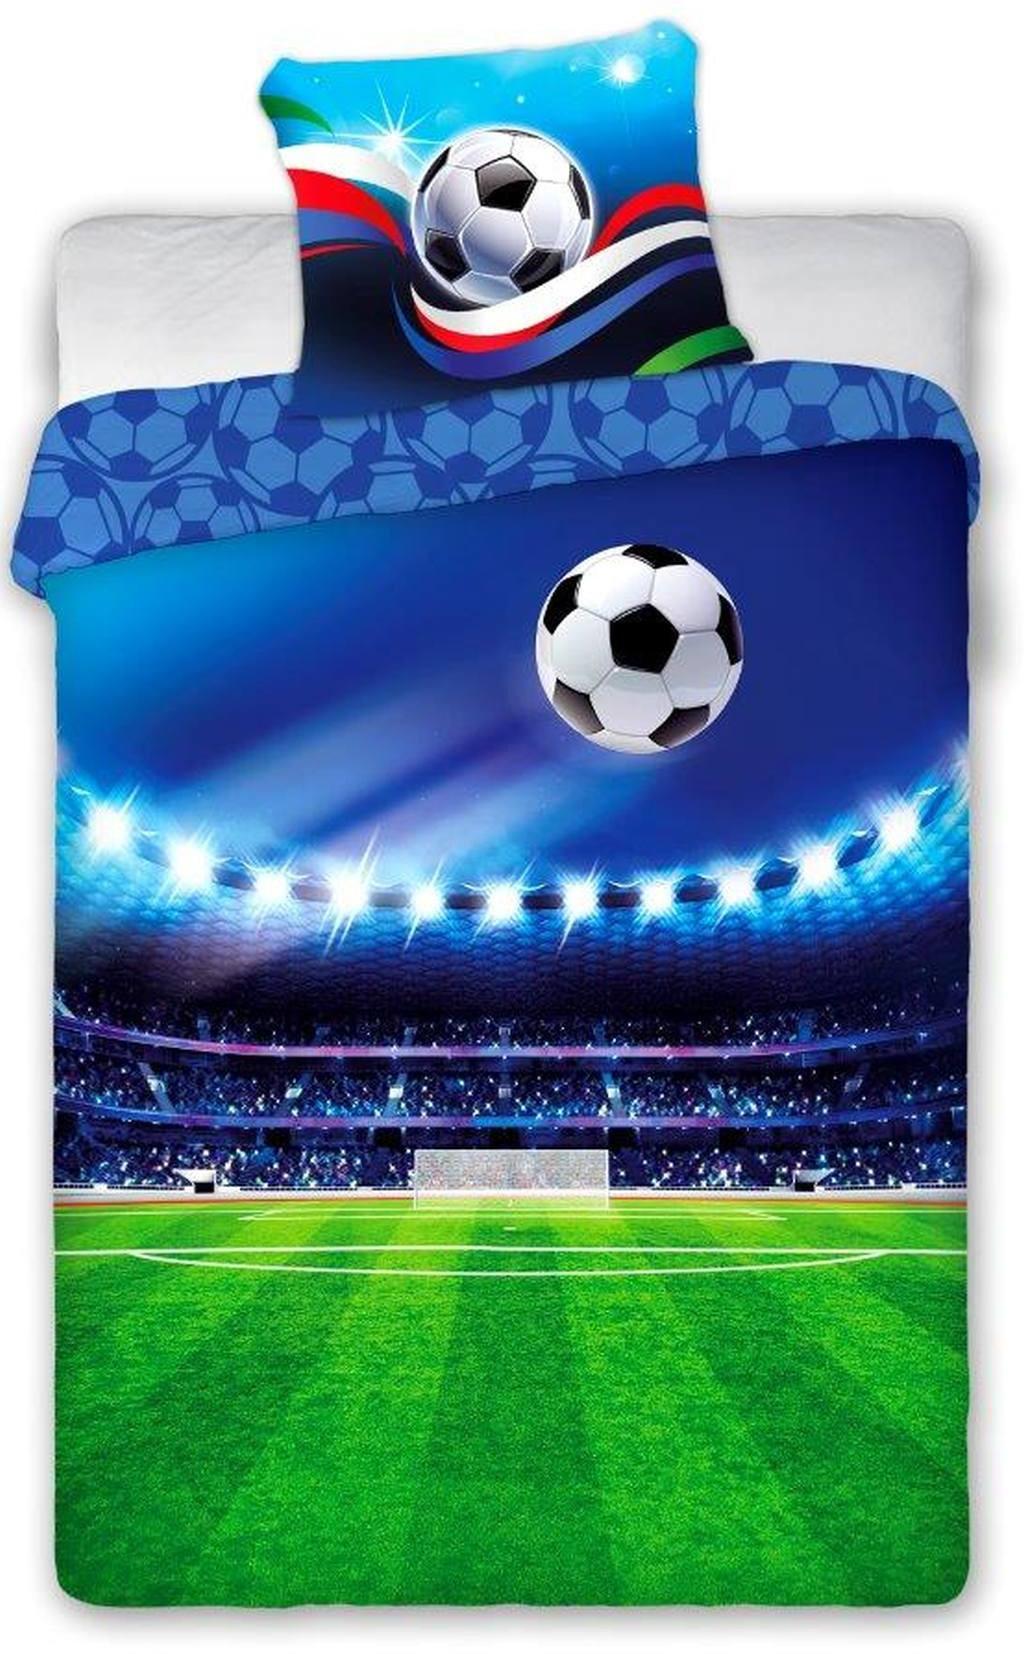 DomTextilu Desteké posteľné obliečky s motívom futbalu 2 časti: 1ks 140 cmx200 + obliečka 70 cmx90 70x90 cm 25880-150192